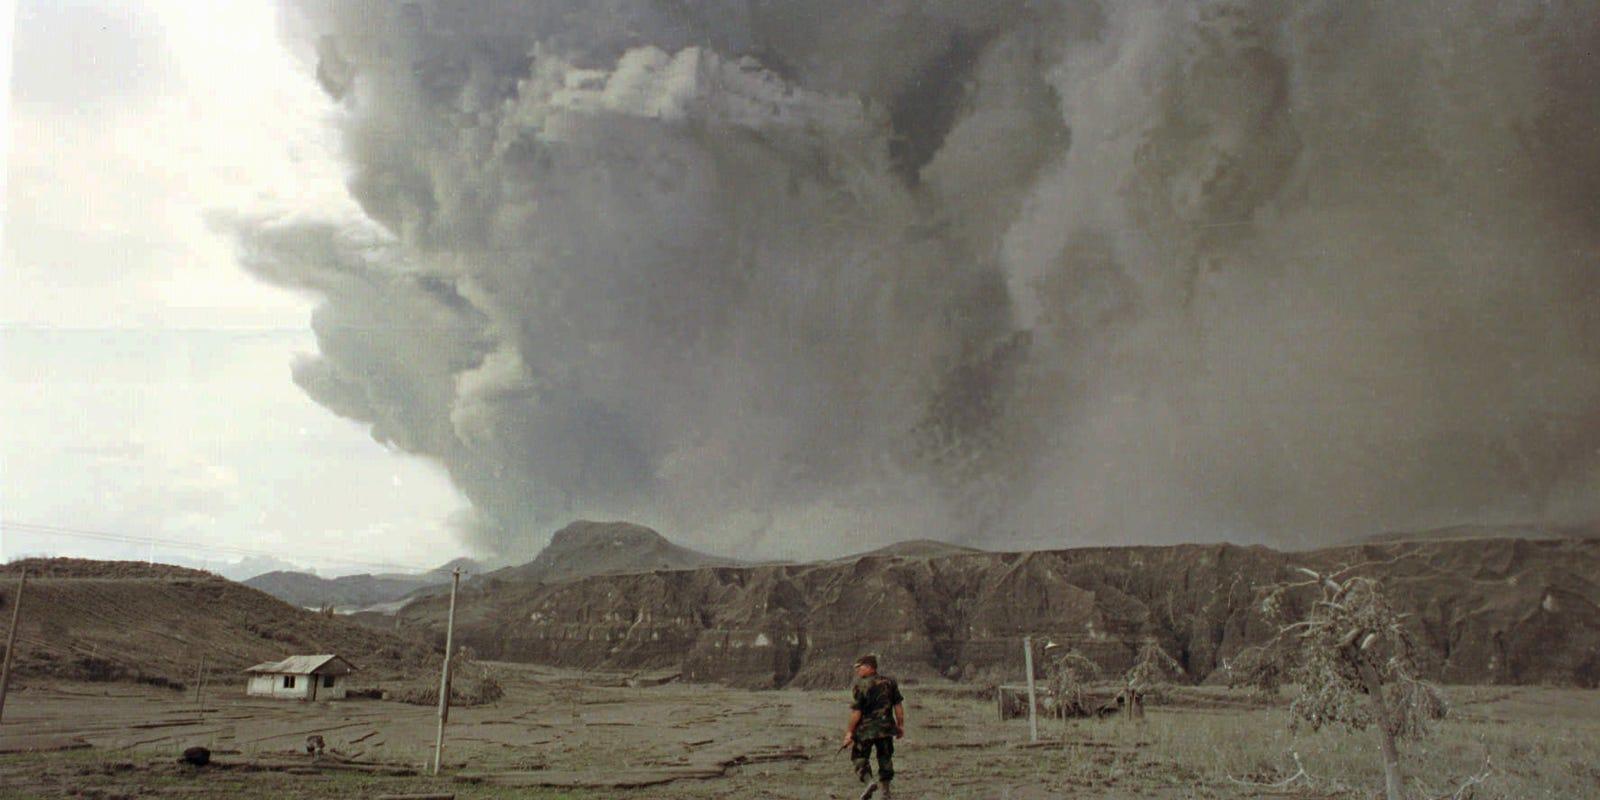 Geoengineering: Creating clouds to stop global warming could wreak